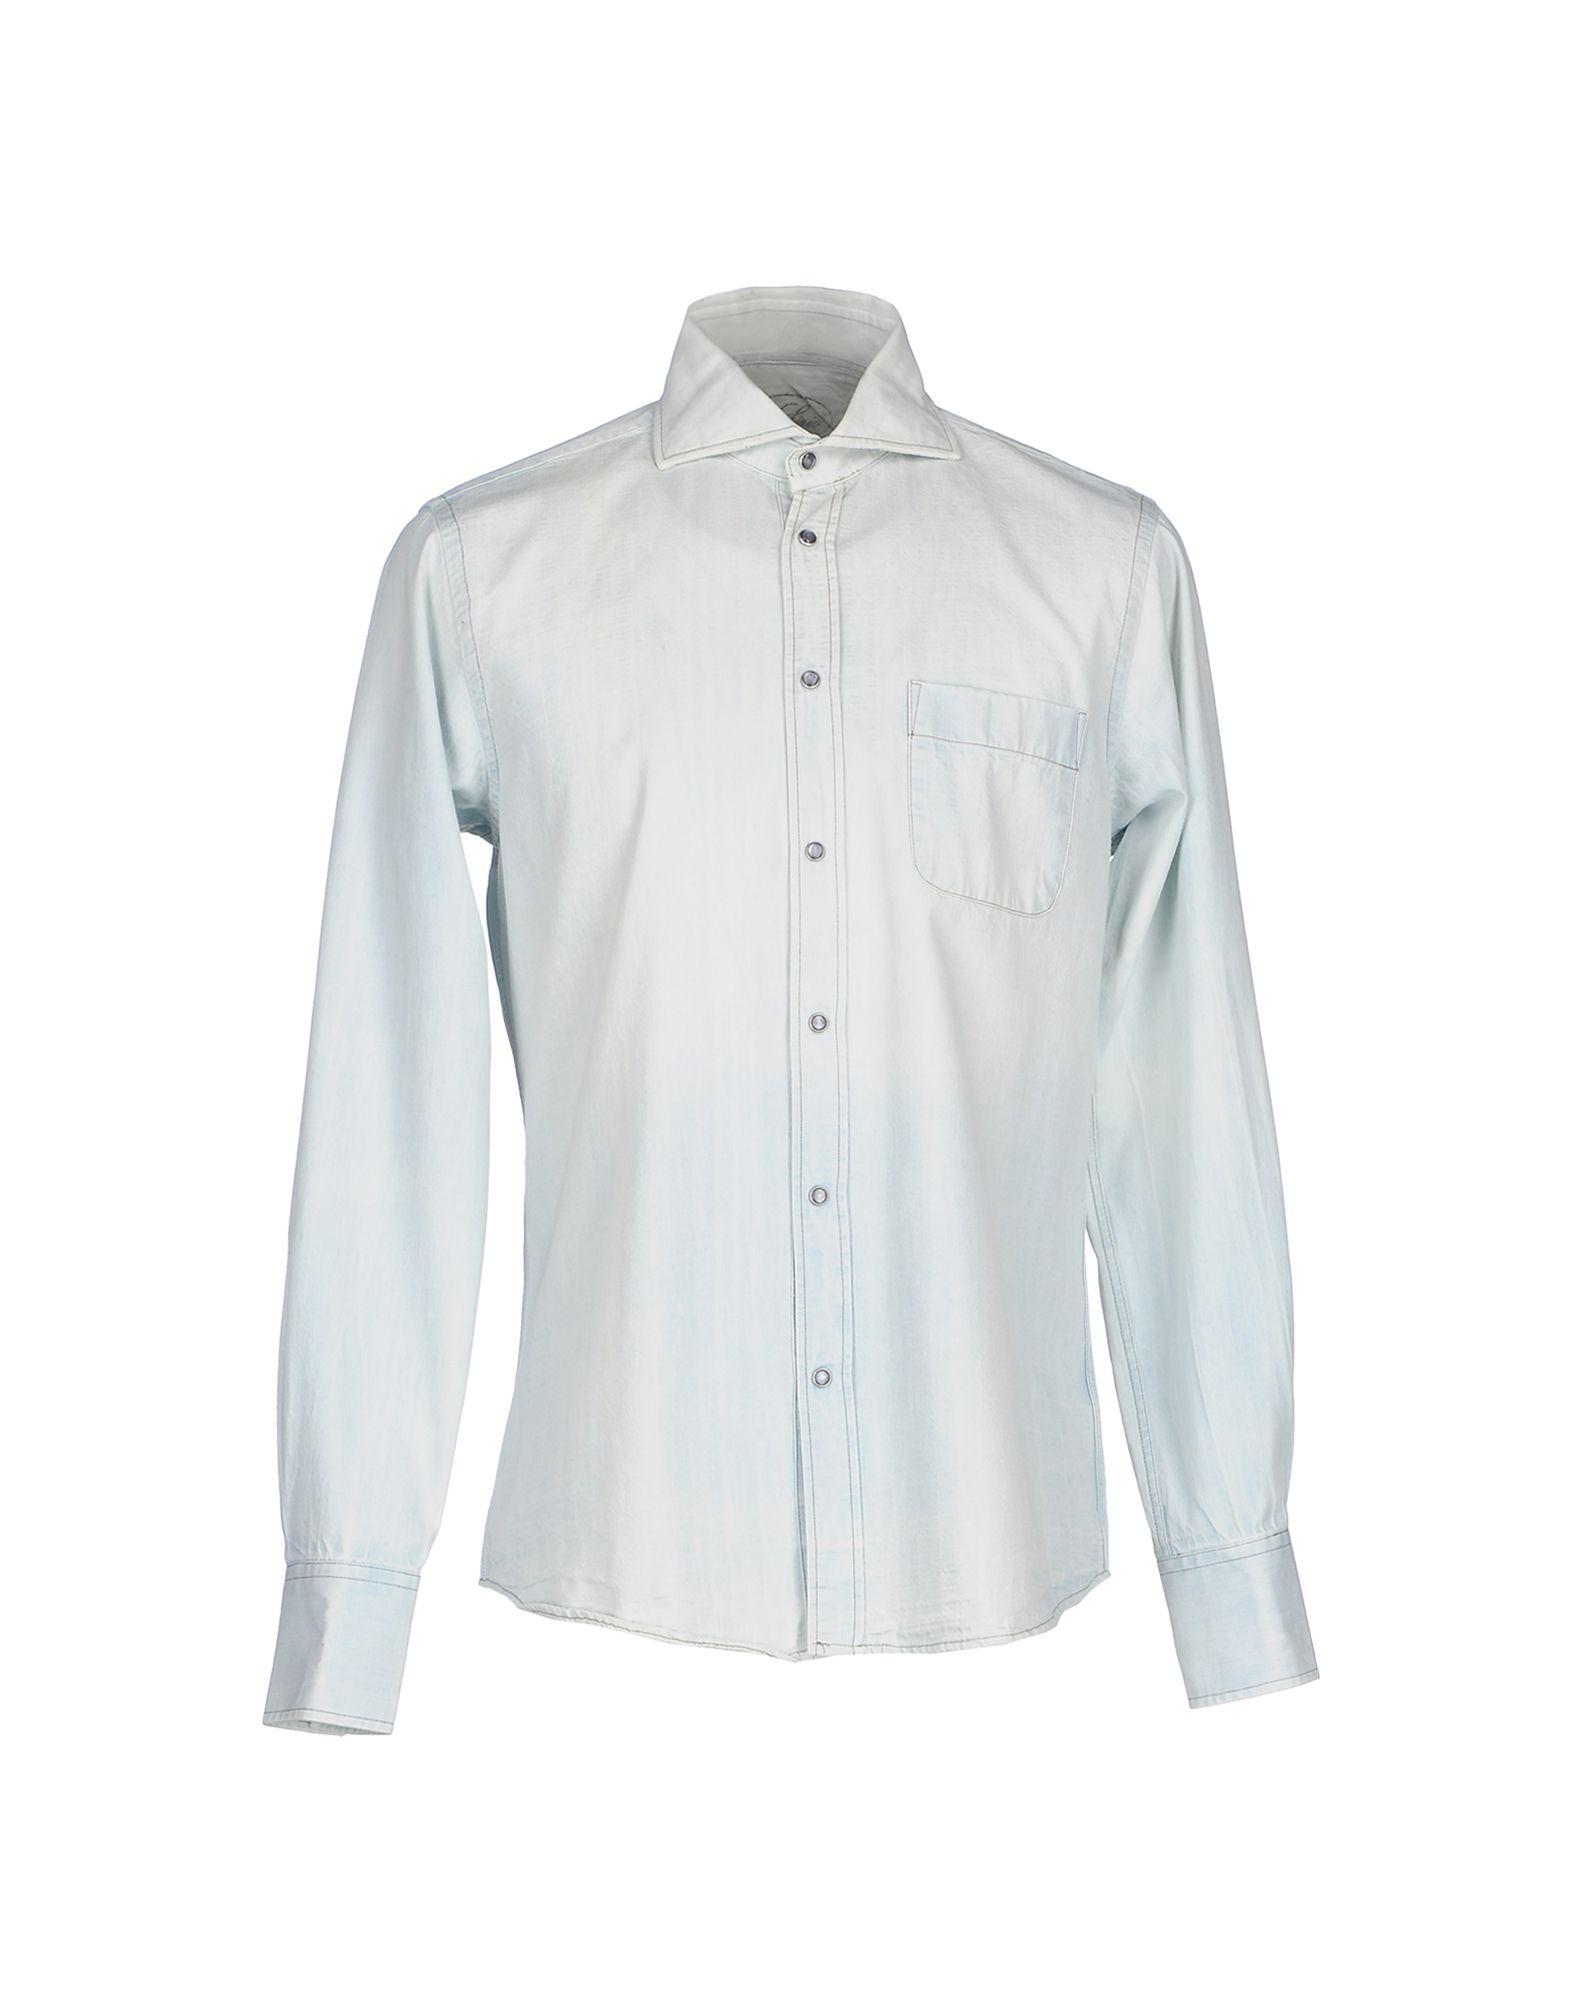 SIRIO Джинсовая рубашка